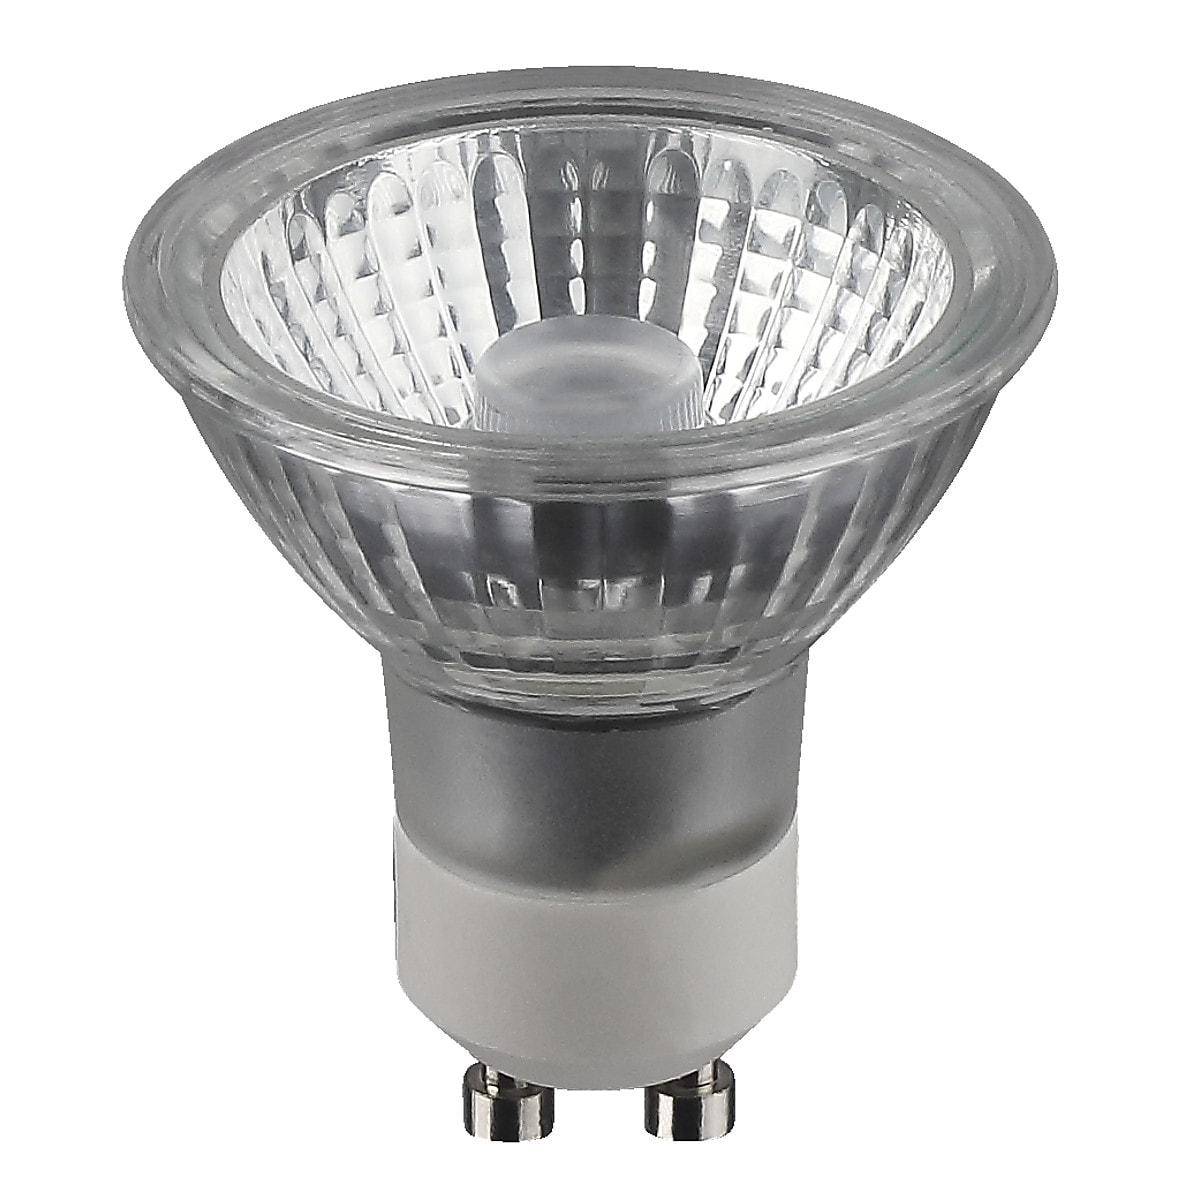 LED-lampa GU10 V-light